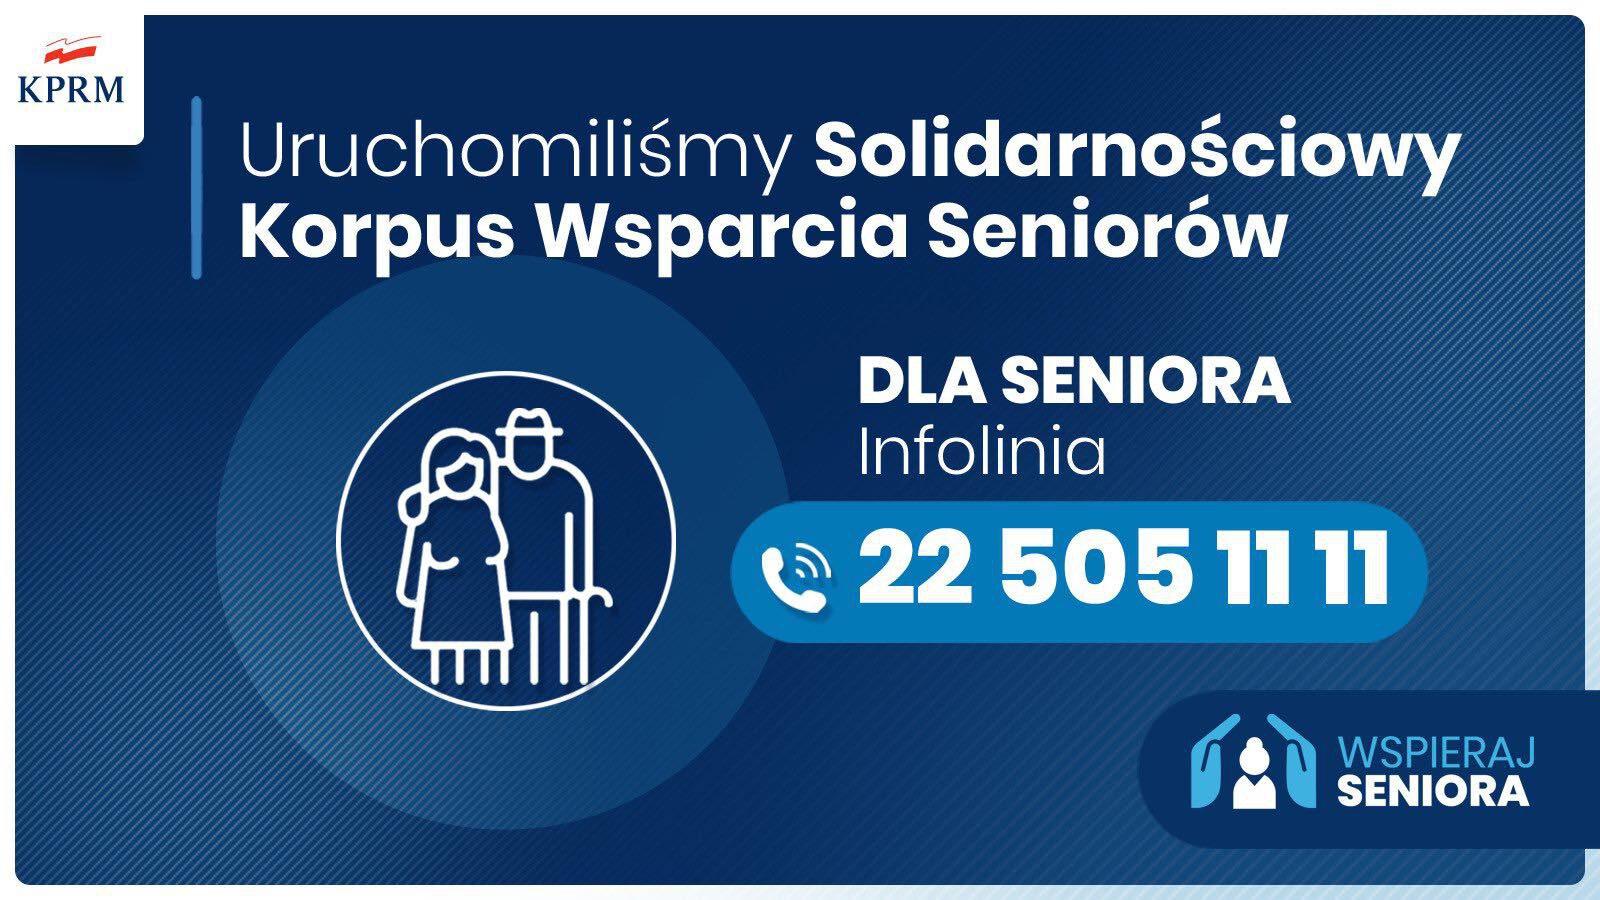 KPRM Solidarnościowy Korpus Wsparcia seniorów w związku z COVID-19 numer telefonu 22 5051111